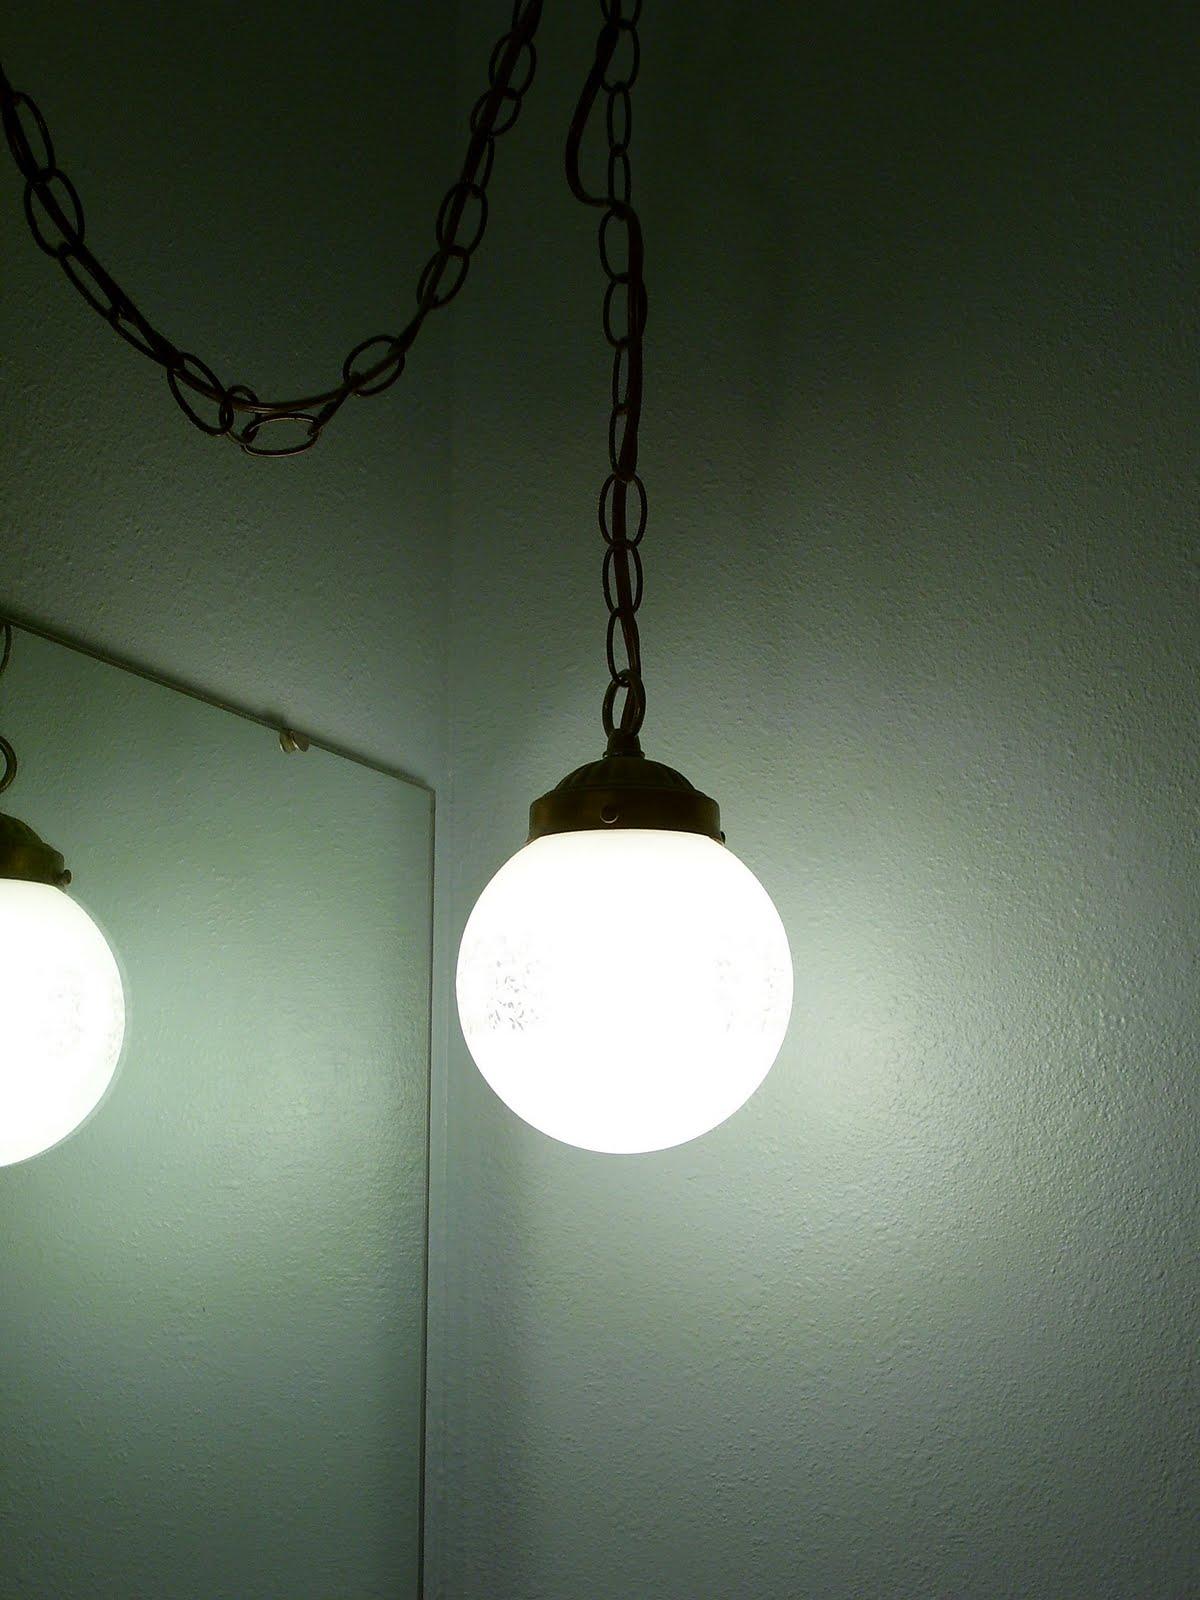 Preferable Design Of Corner Lighting Fixture Homesfeed